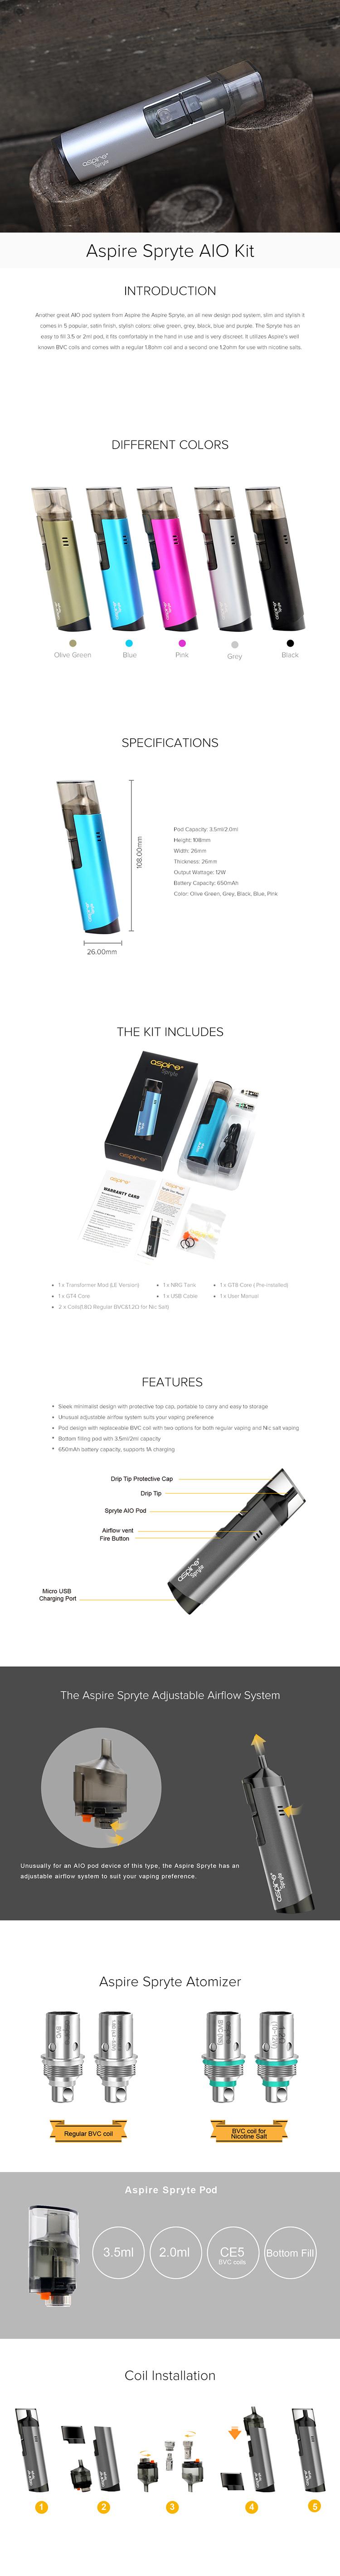 Aspire Spryte AIO Starter Kit - 650mah & 3.5/2.0ml